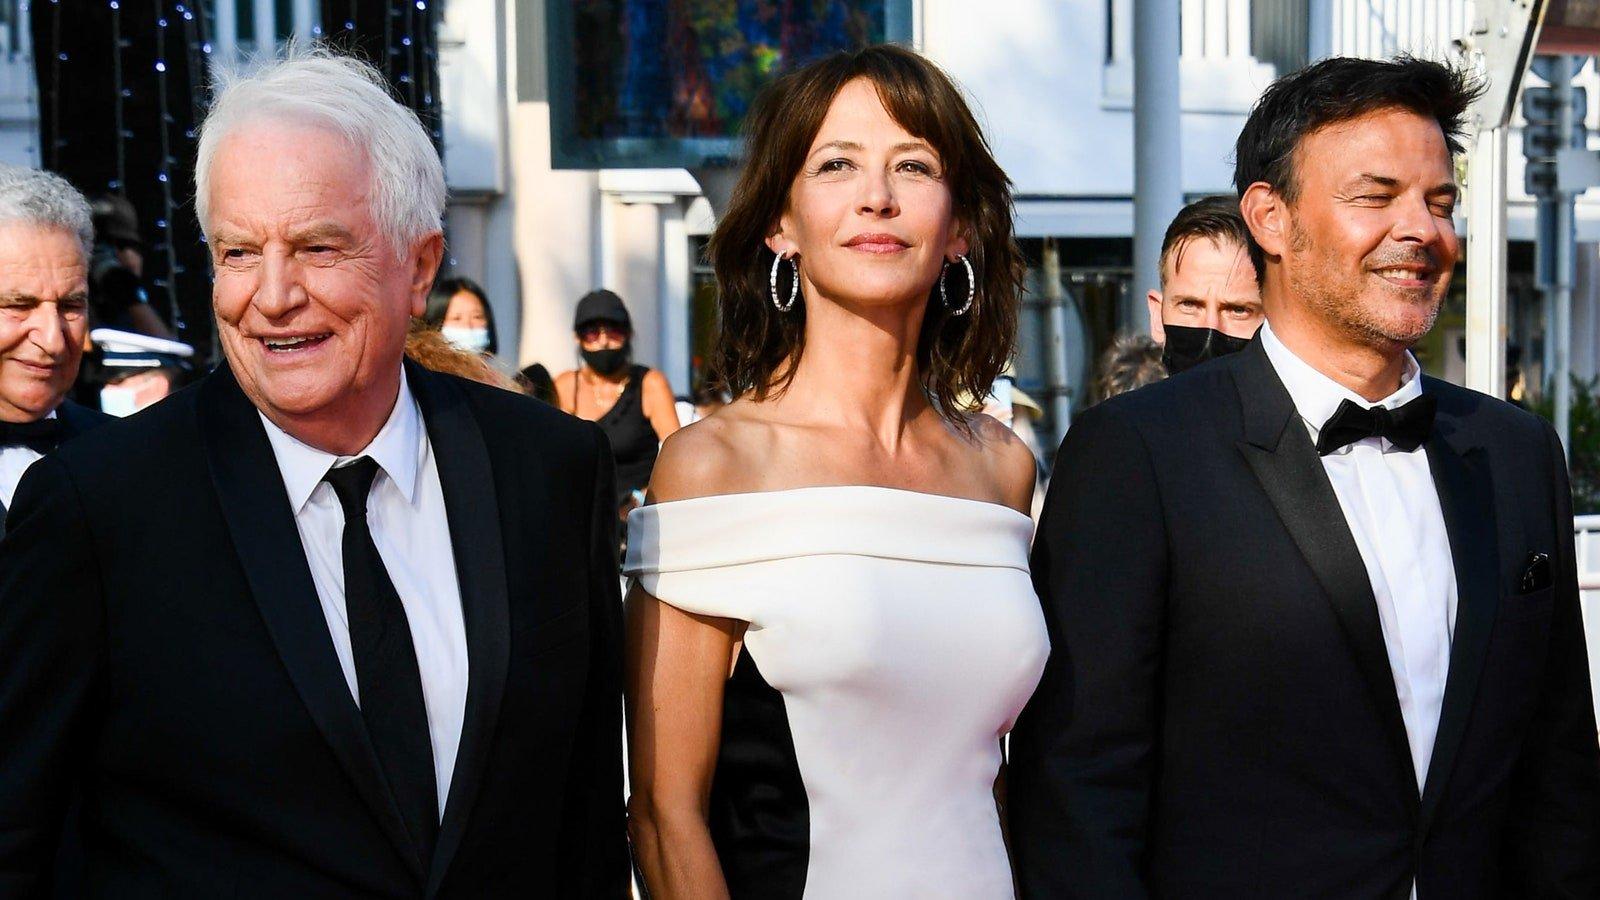 Festival de Cannes 2021 : Le tapis rouge de Tout s'est bien passé avec Sophie Marceau